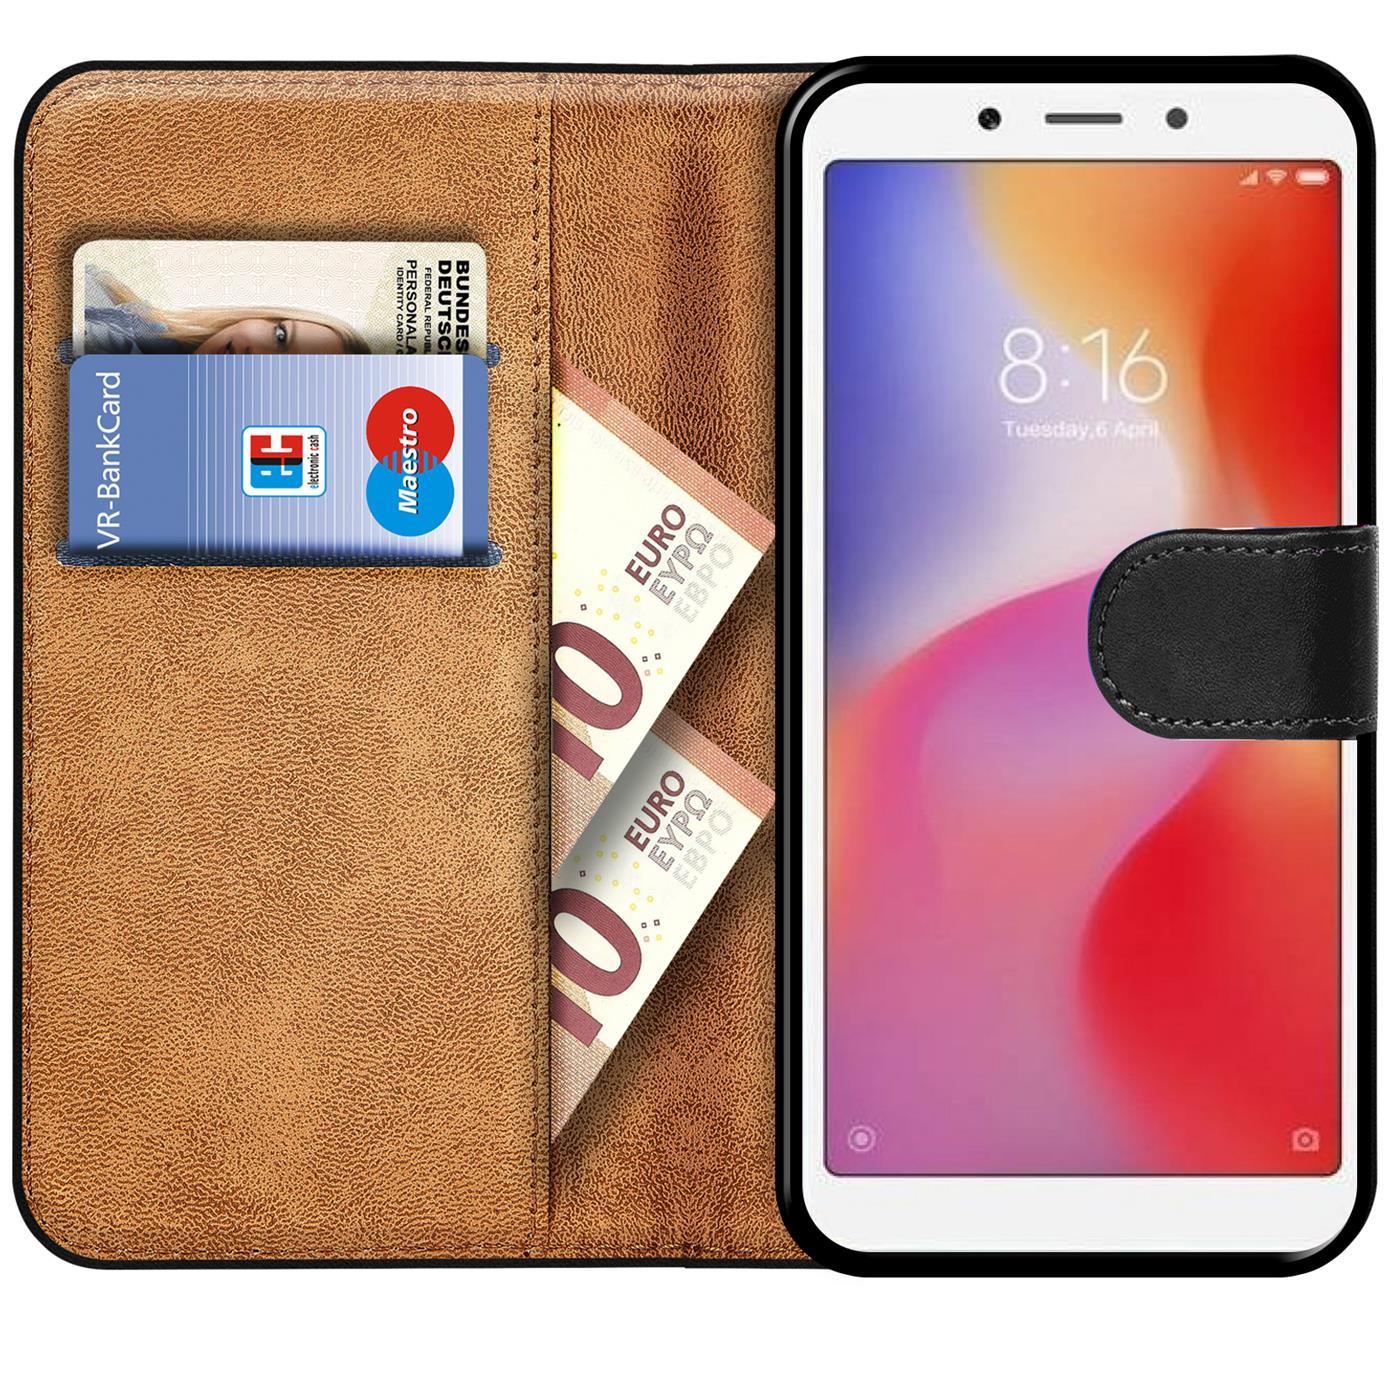 Book-Case-fuer-Xiaomi-Redmi-6a-Huelle-Tasche-Flip-Cover-Handy-Schutz-Huelle Indexbild 9